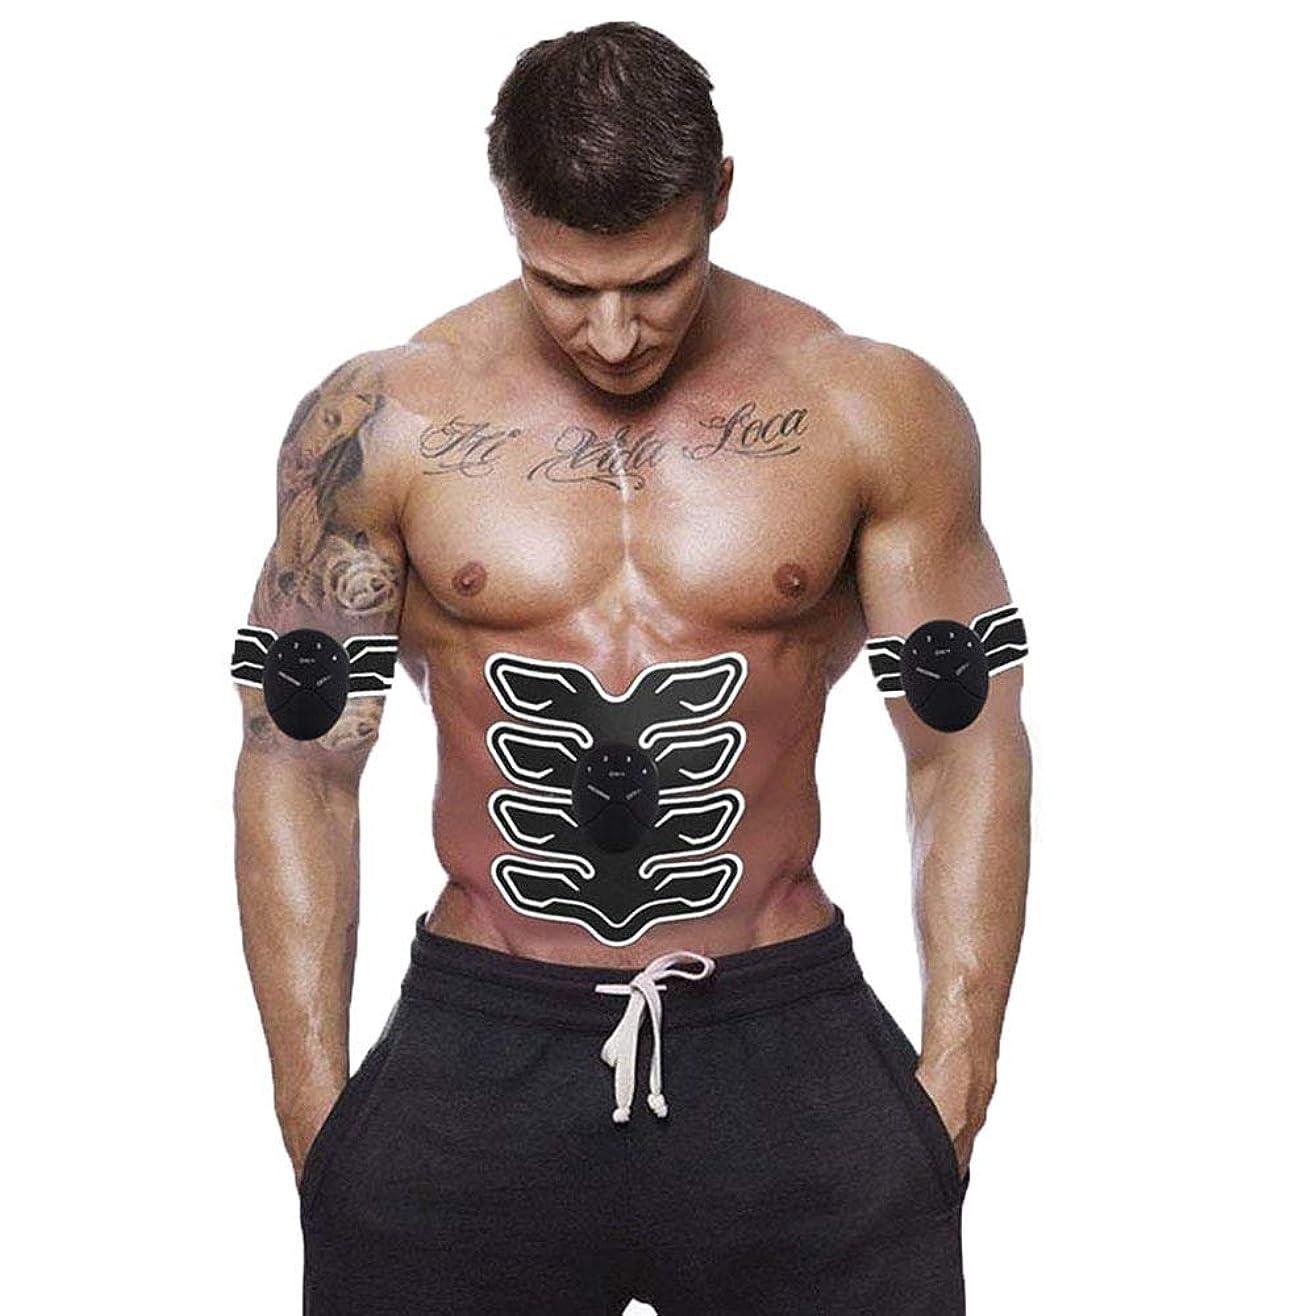 ドナウ川彼女のスリーブ筋肉トナー腹部調色ベルトポータブル USB 充電式ワイヤレス EMS マッサージ腹部アームレッグトレーニングのためのフィットネス機器